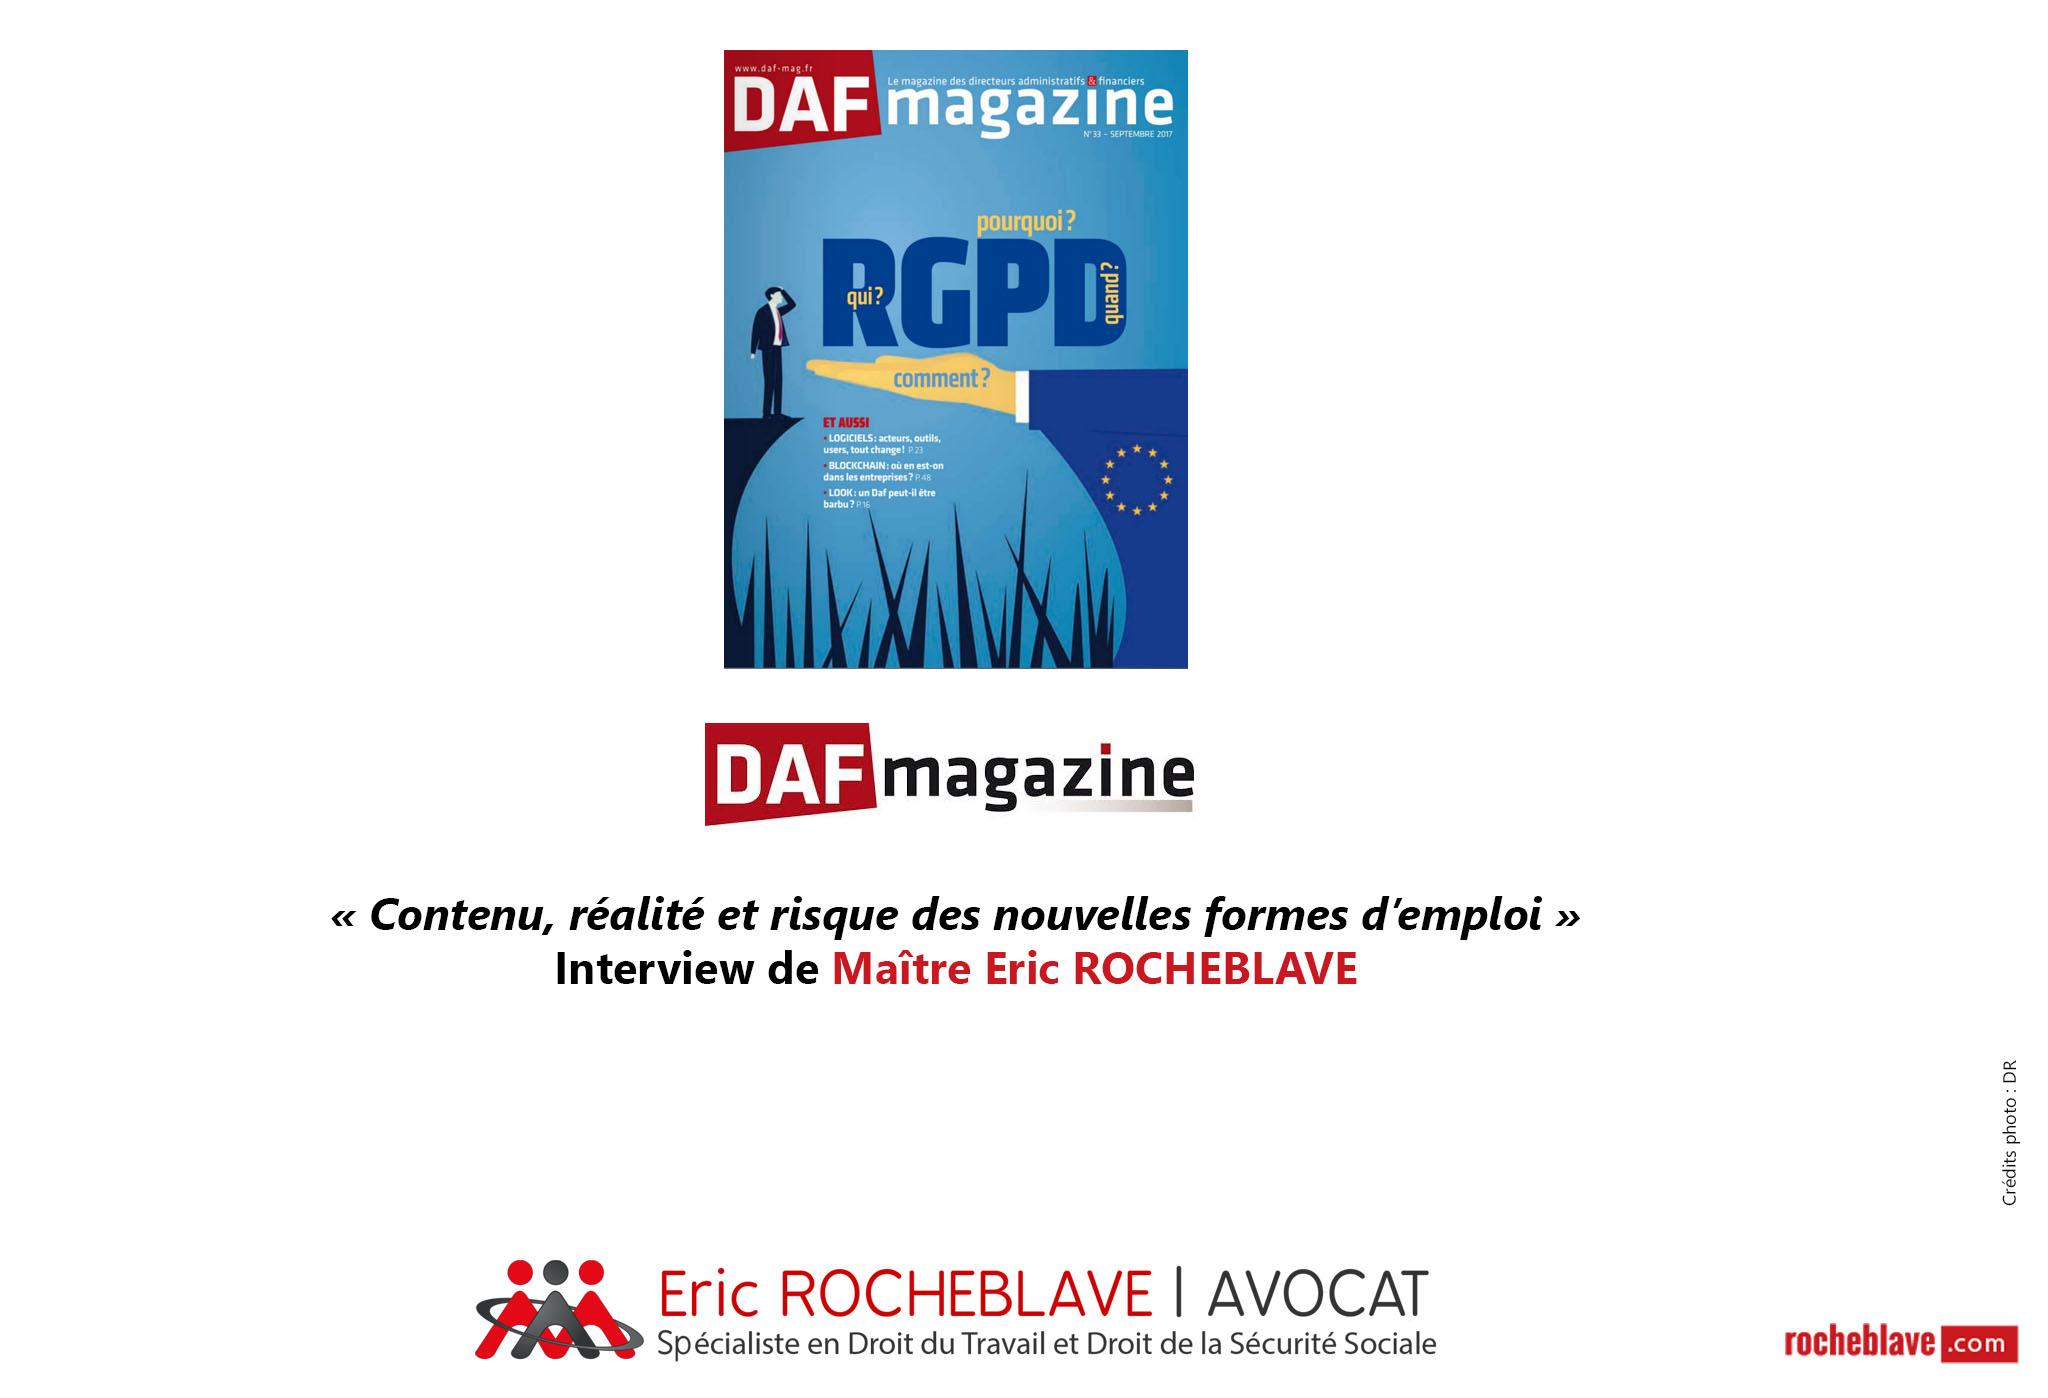 « Contenu, réalité et risque des nouvelles formes d'emploi » Interview de Maître Eric ROCHEBLAVE | DAF magazine